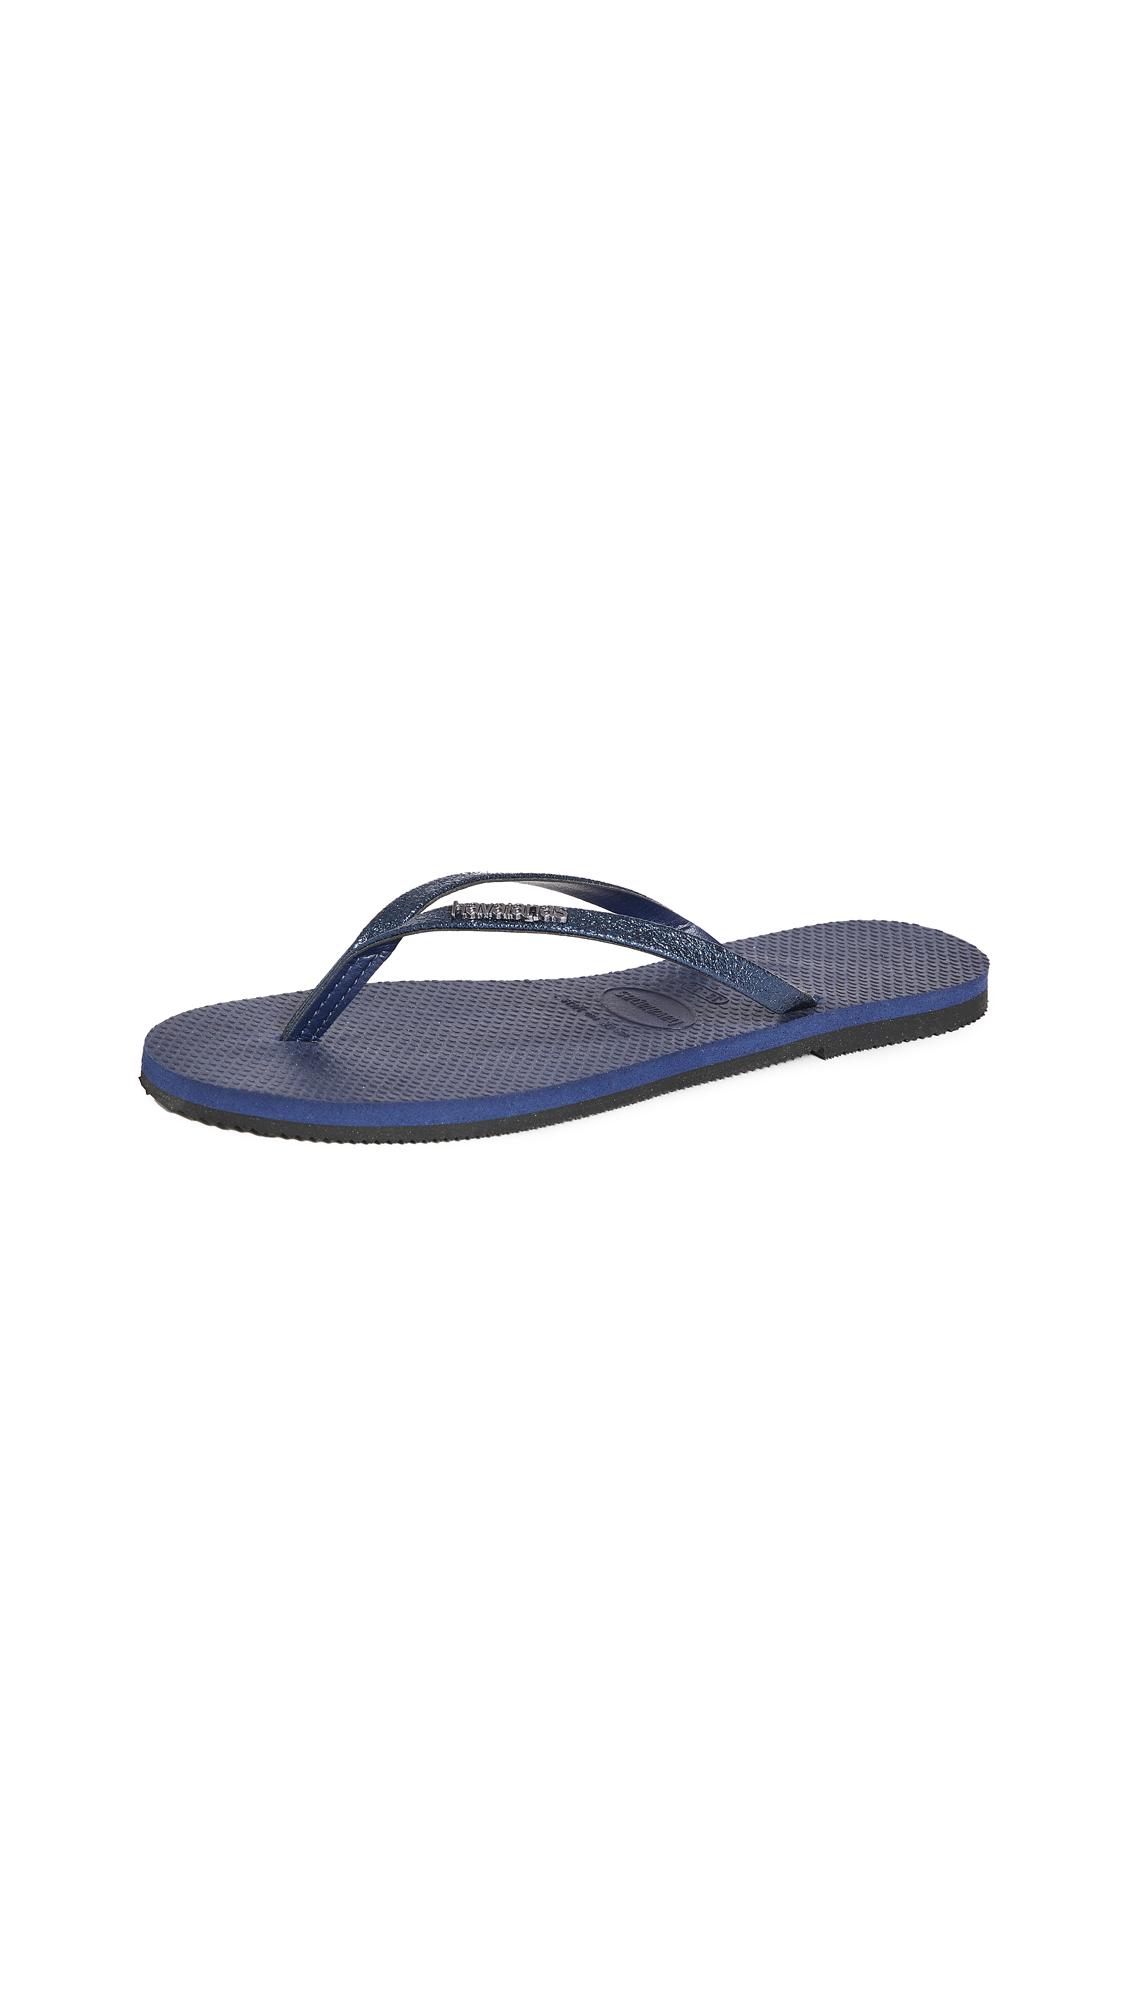 Havaianas Flip flops YOU SHINE FLIP FLOPS